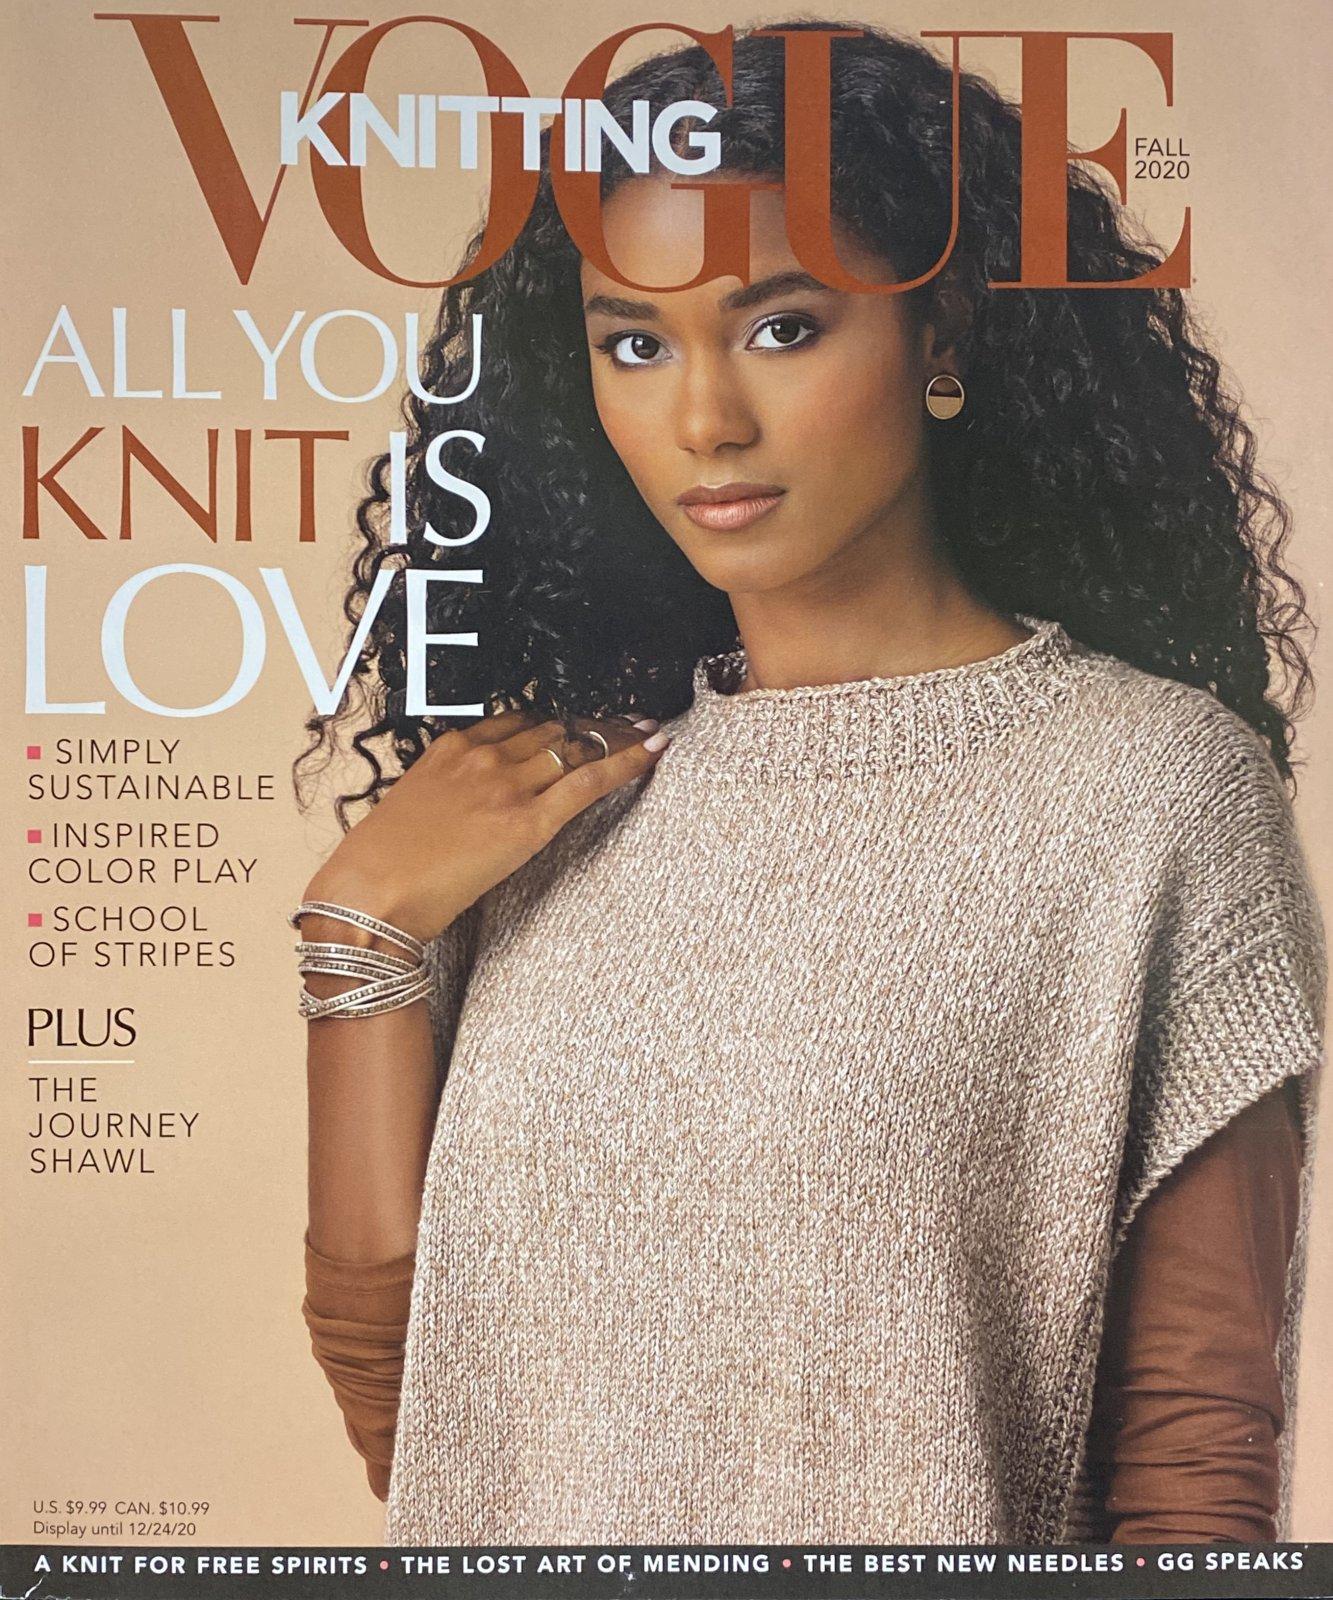 Vogue Knitting Fall 2020